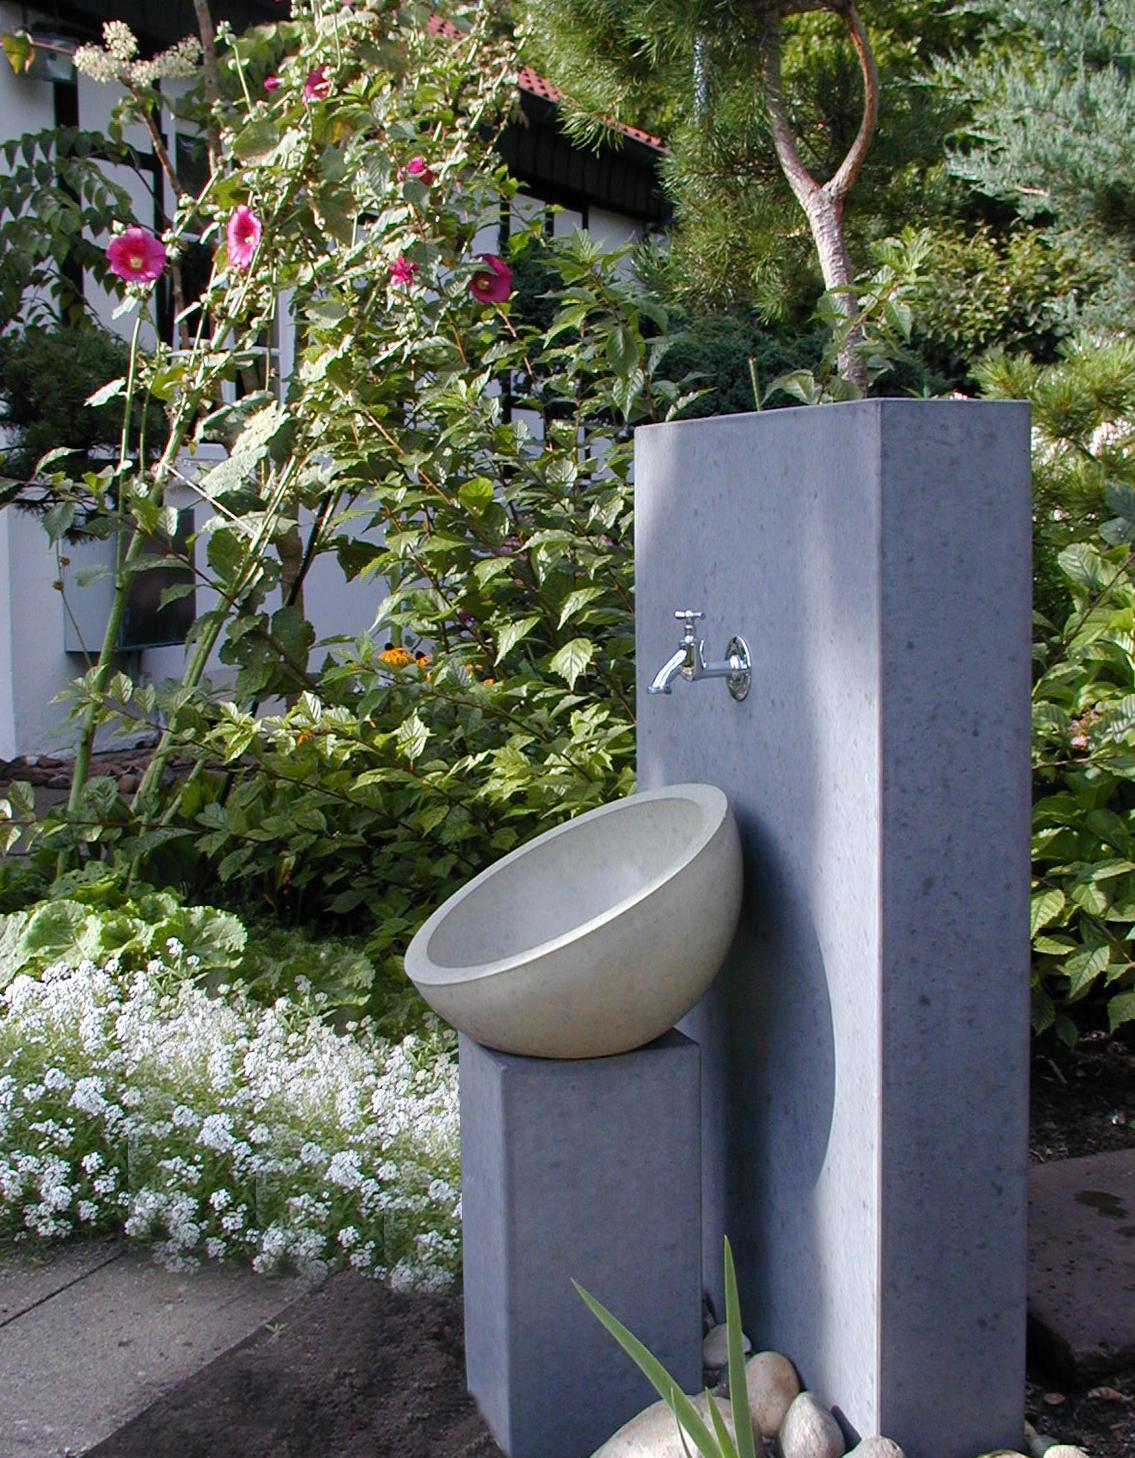 Gartenwaschbecken Kaya Trinkbrunnen Von Oggi Beton Architonic